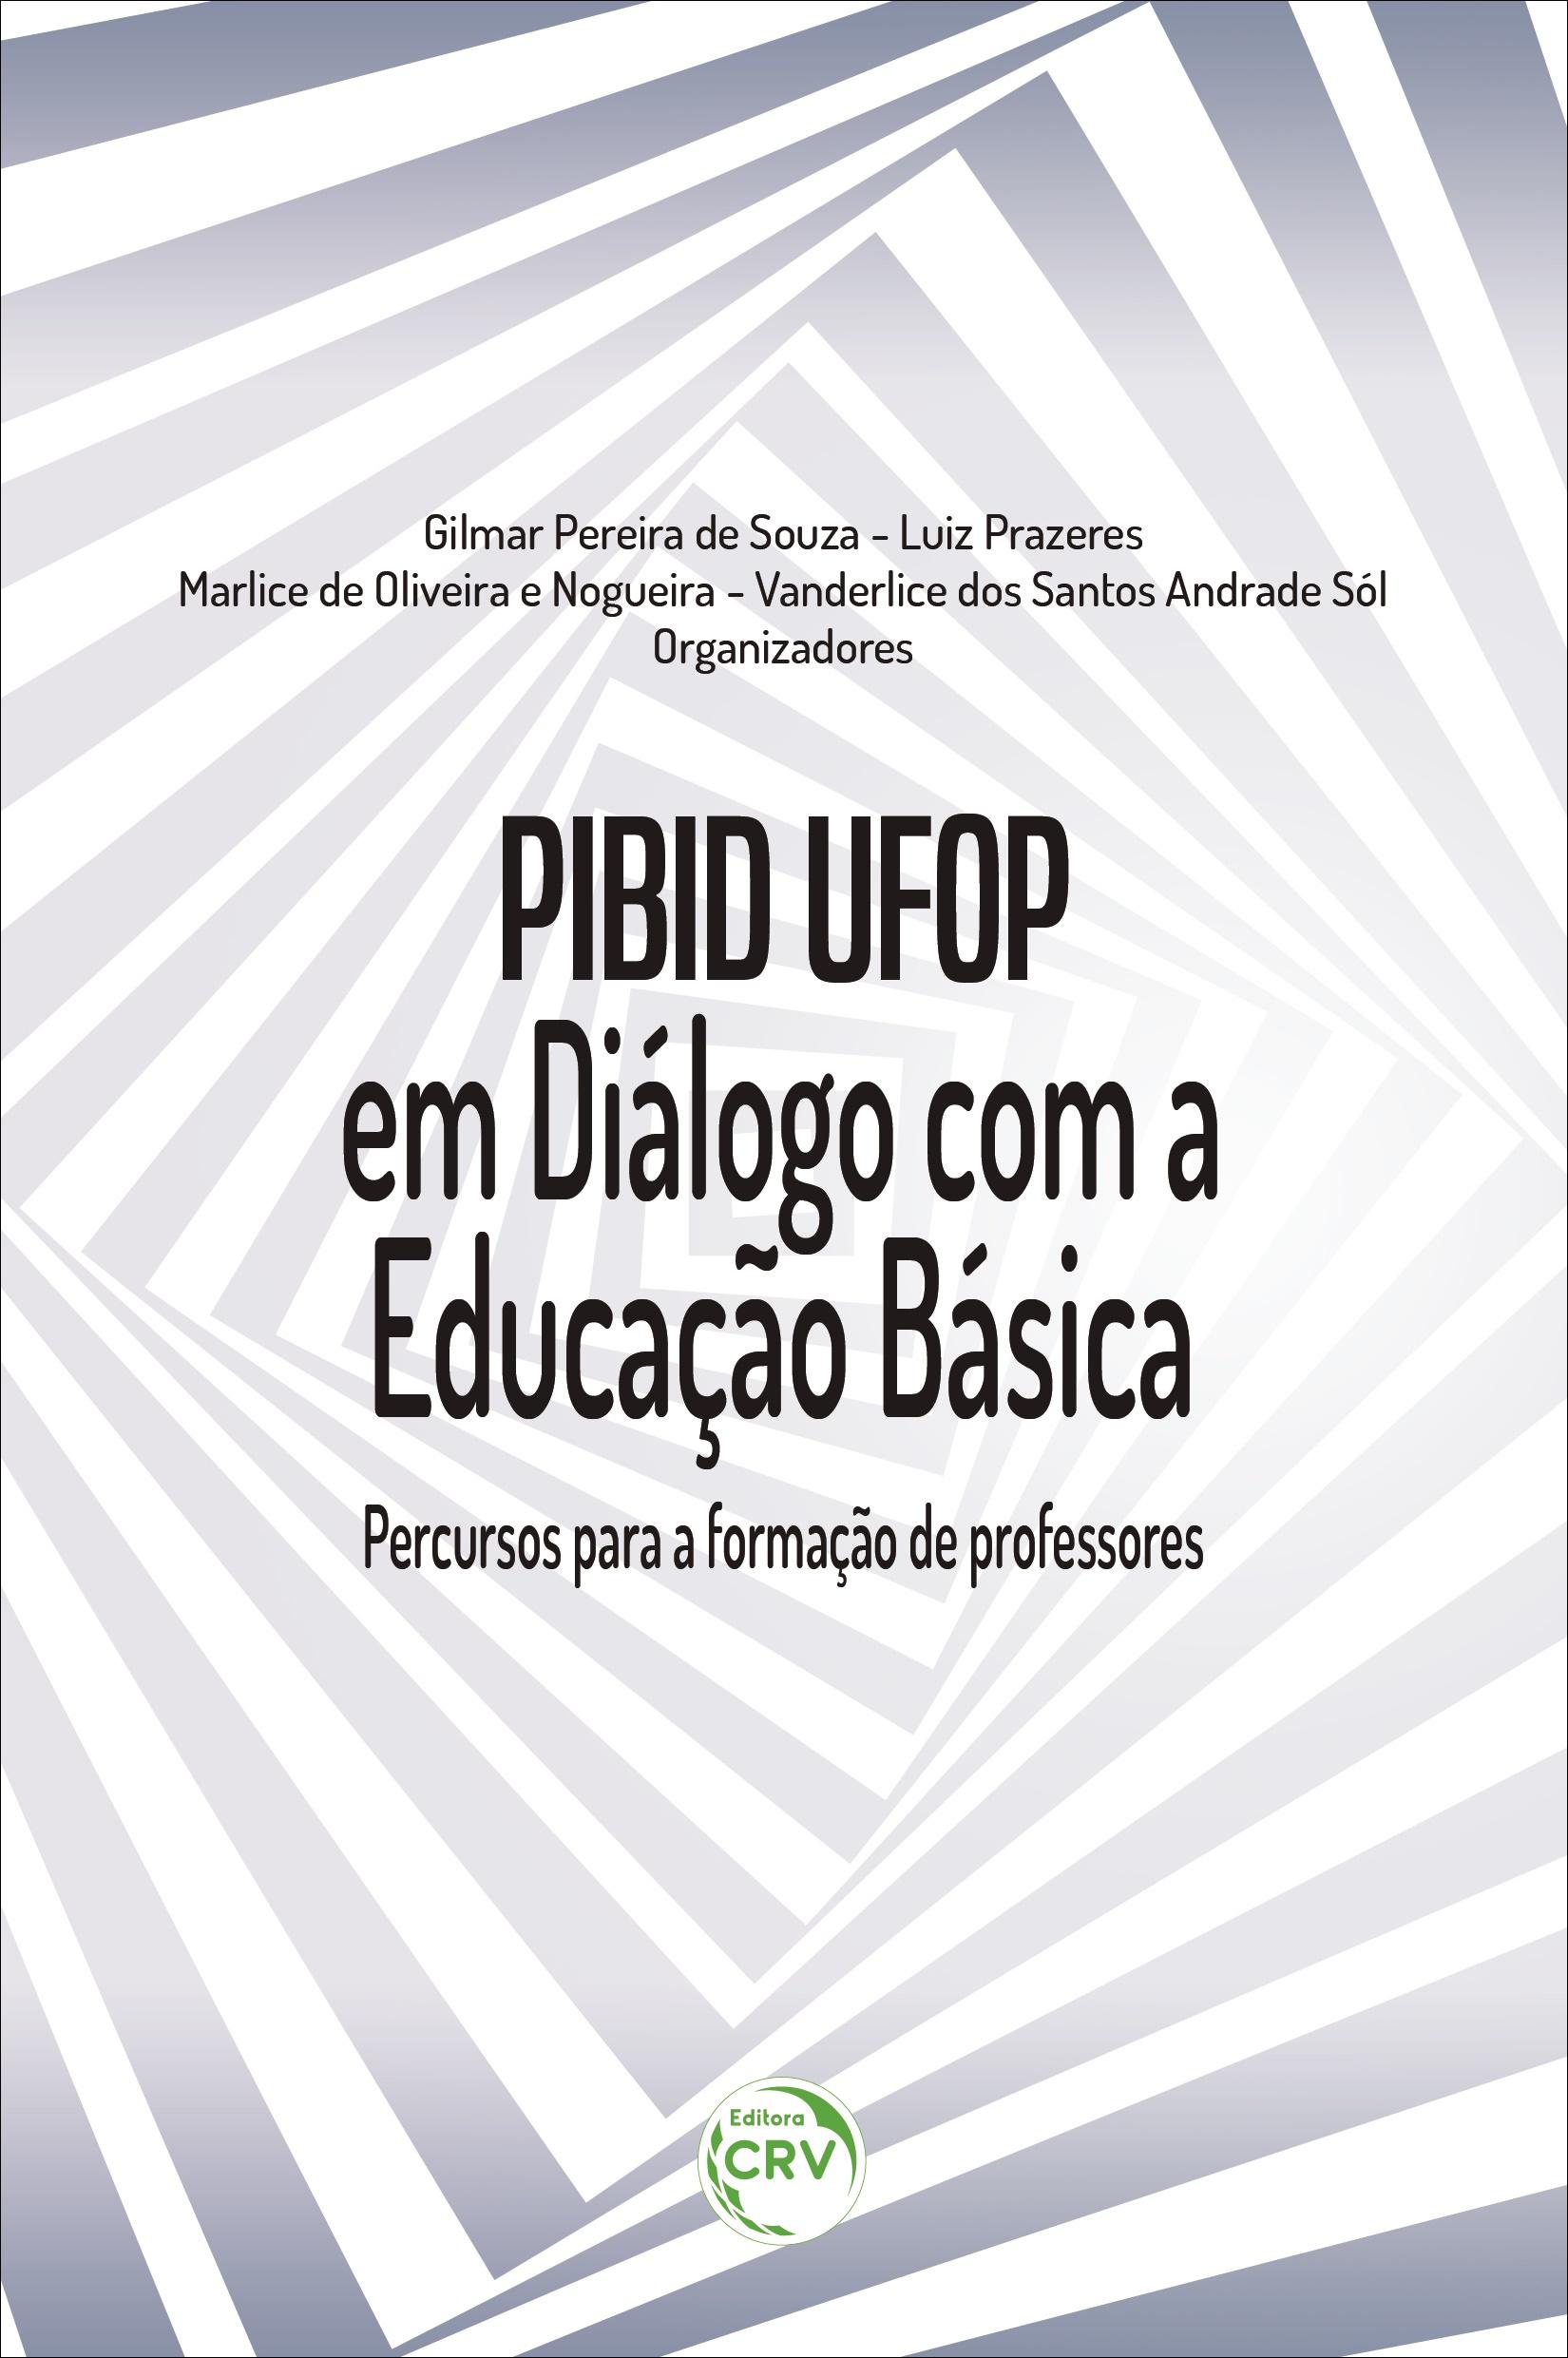 Capa do livro: PIBID UFOP EM DIÁLOGO COM A EDUCAÇÃO BÁSICA:  <br>percursos para a formação de professores